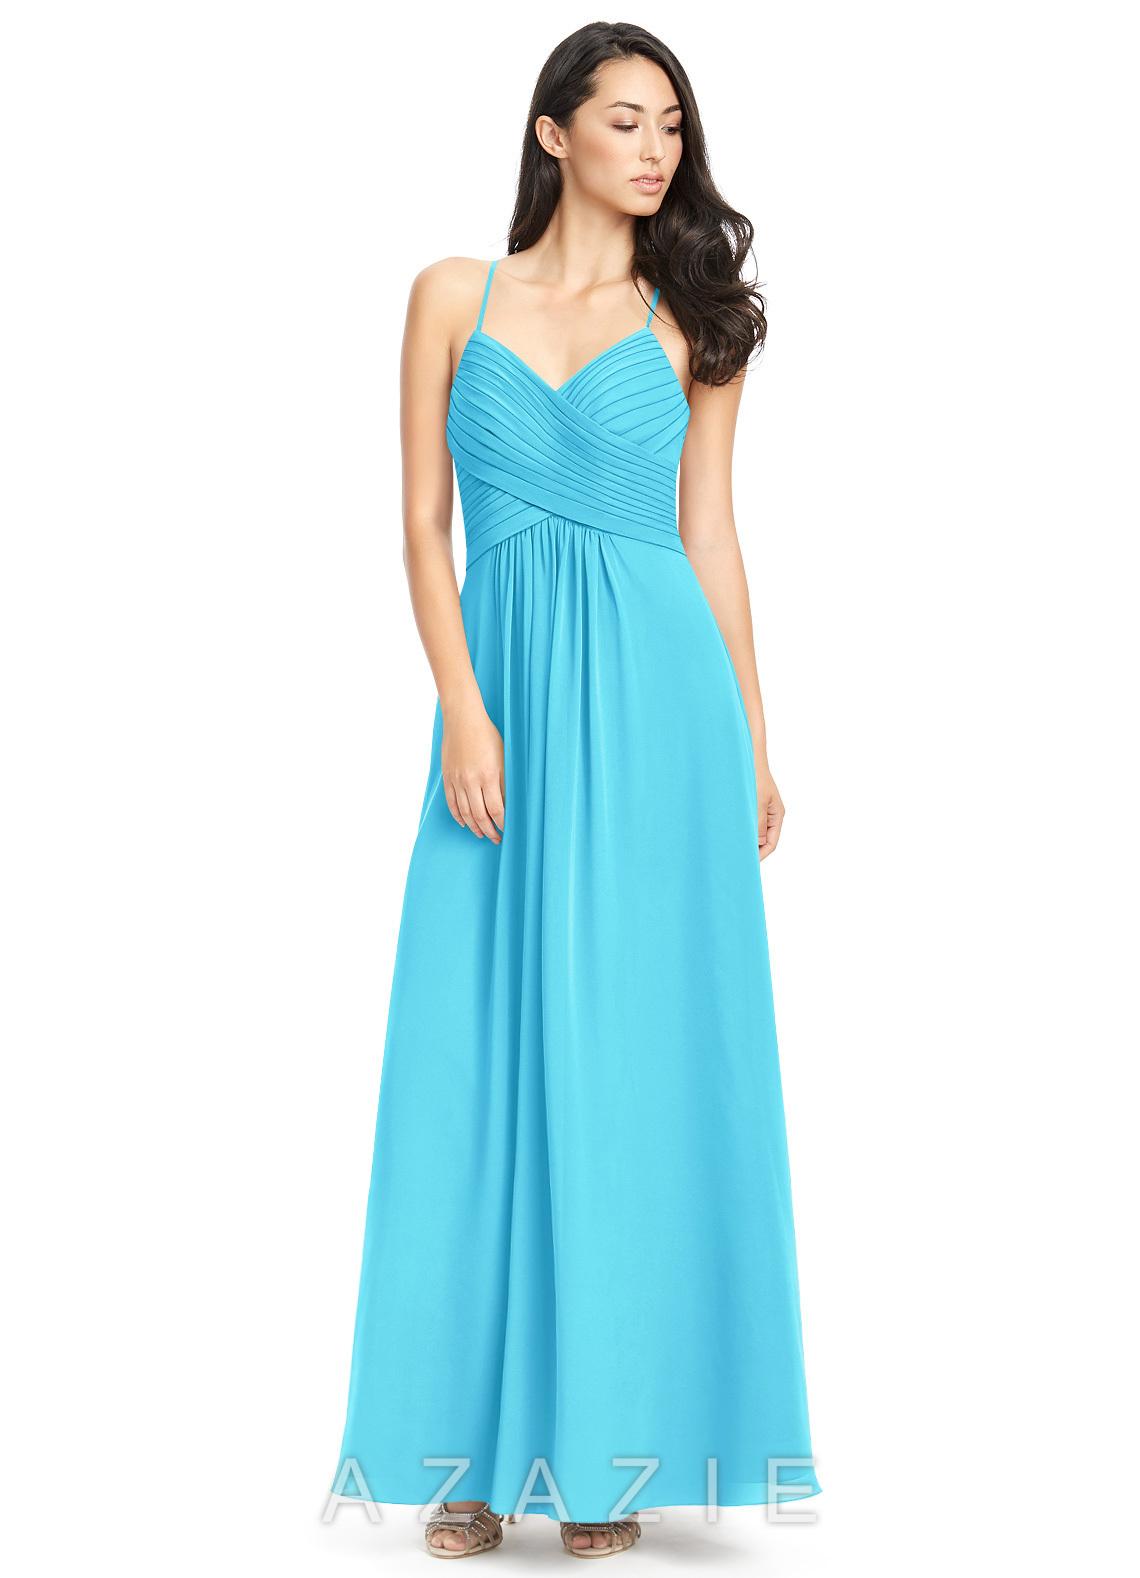 dbddee4826 Azazie Haleigh Bridesmaid Dress